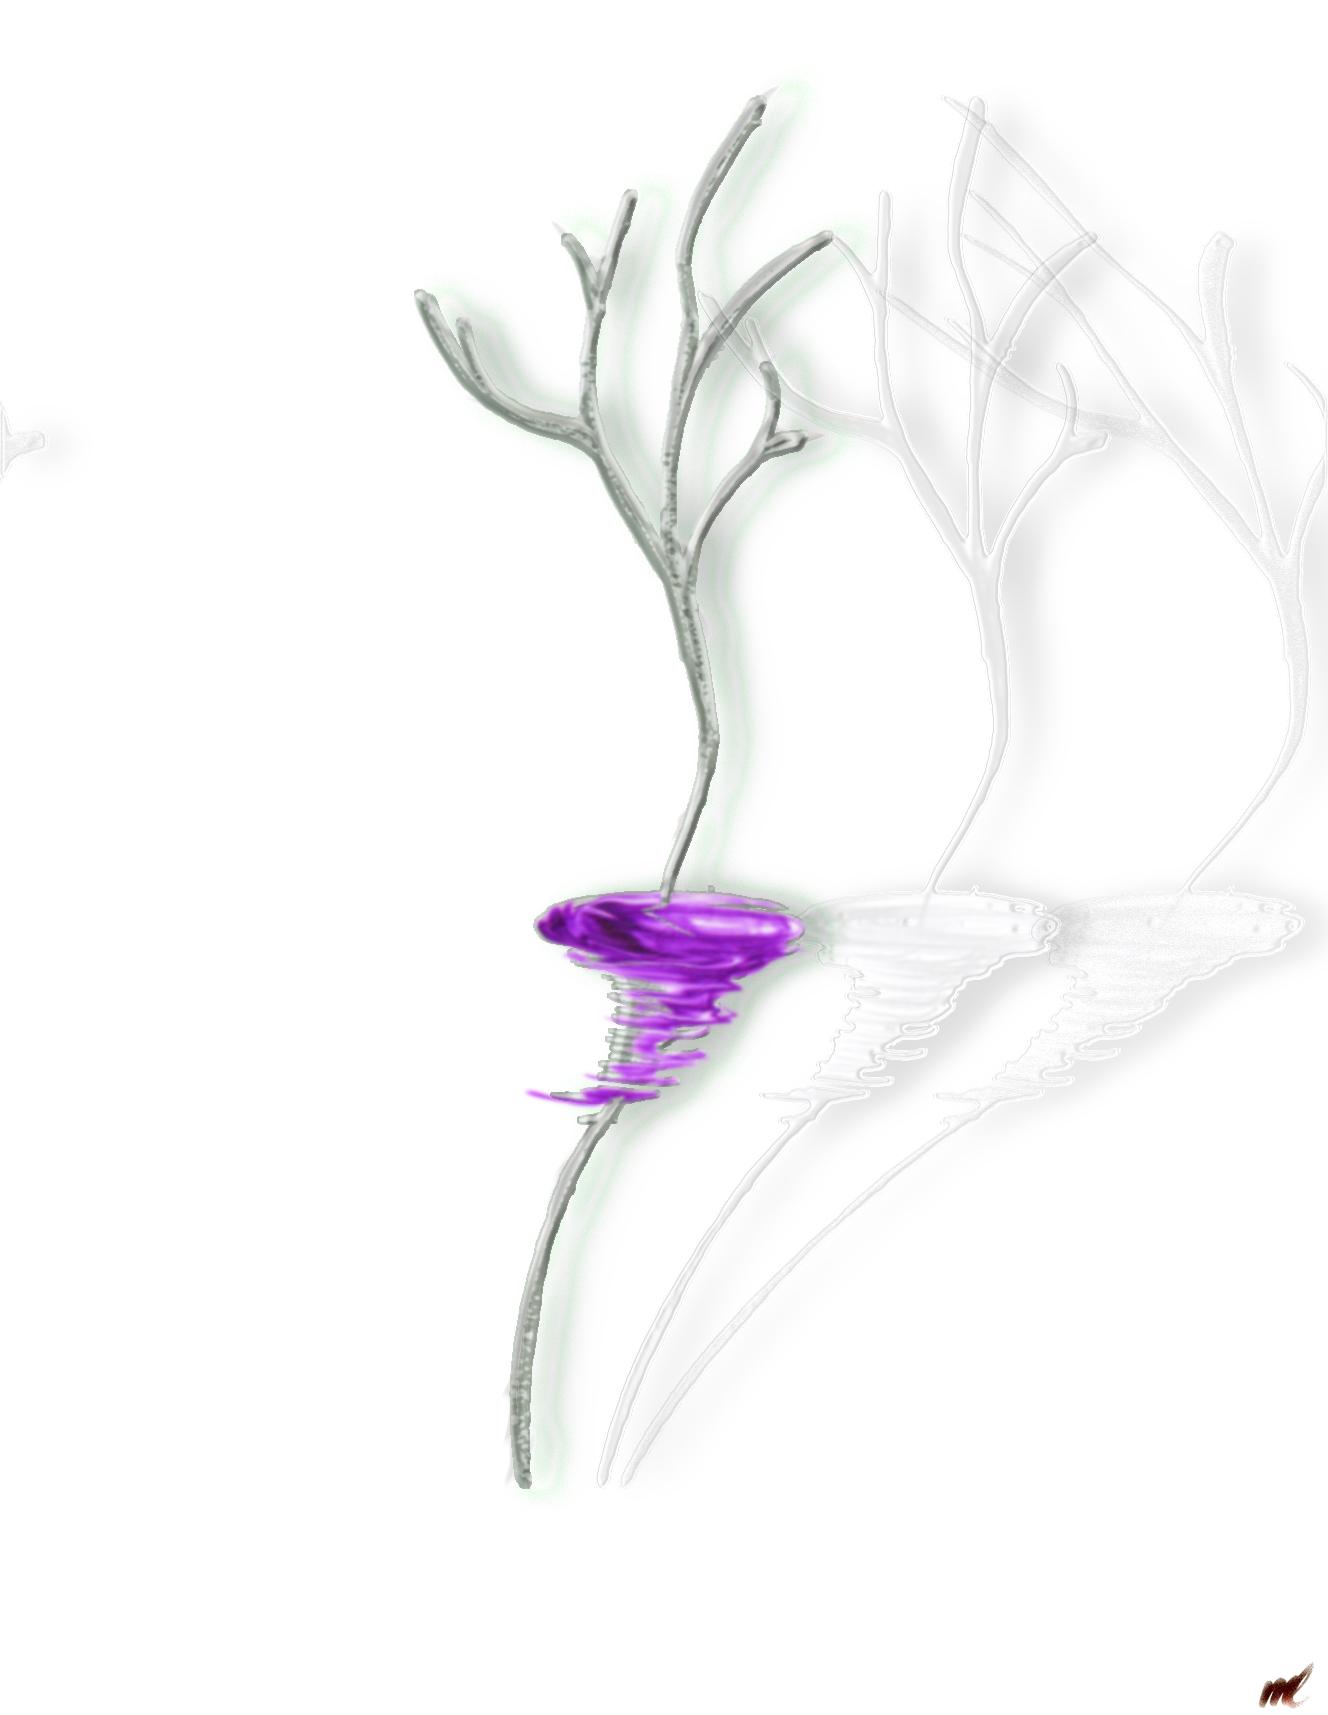 Le cinquième arbre